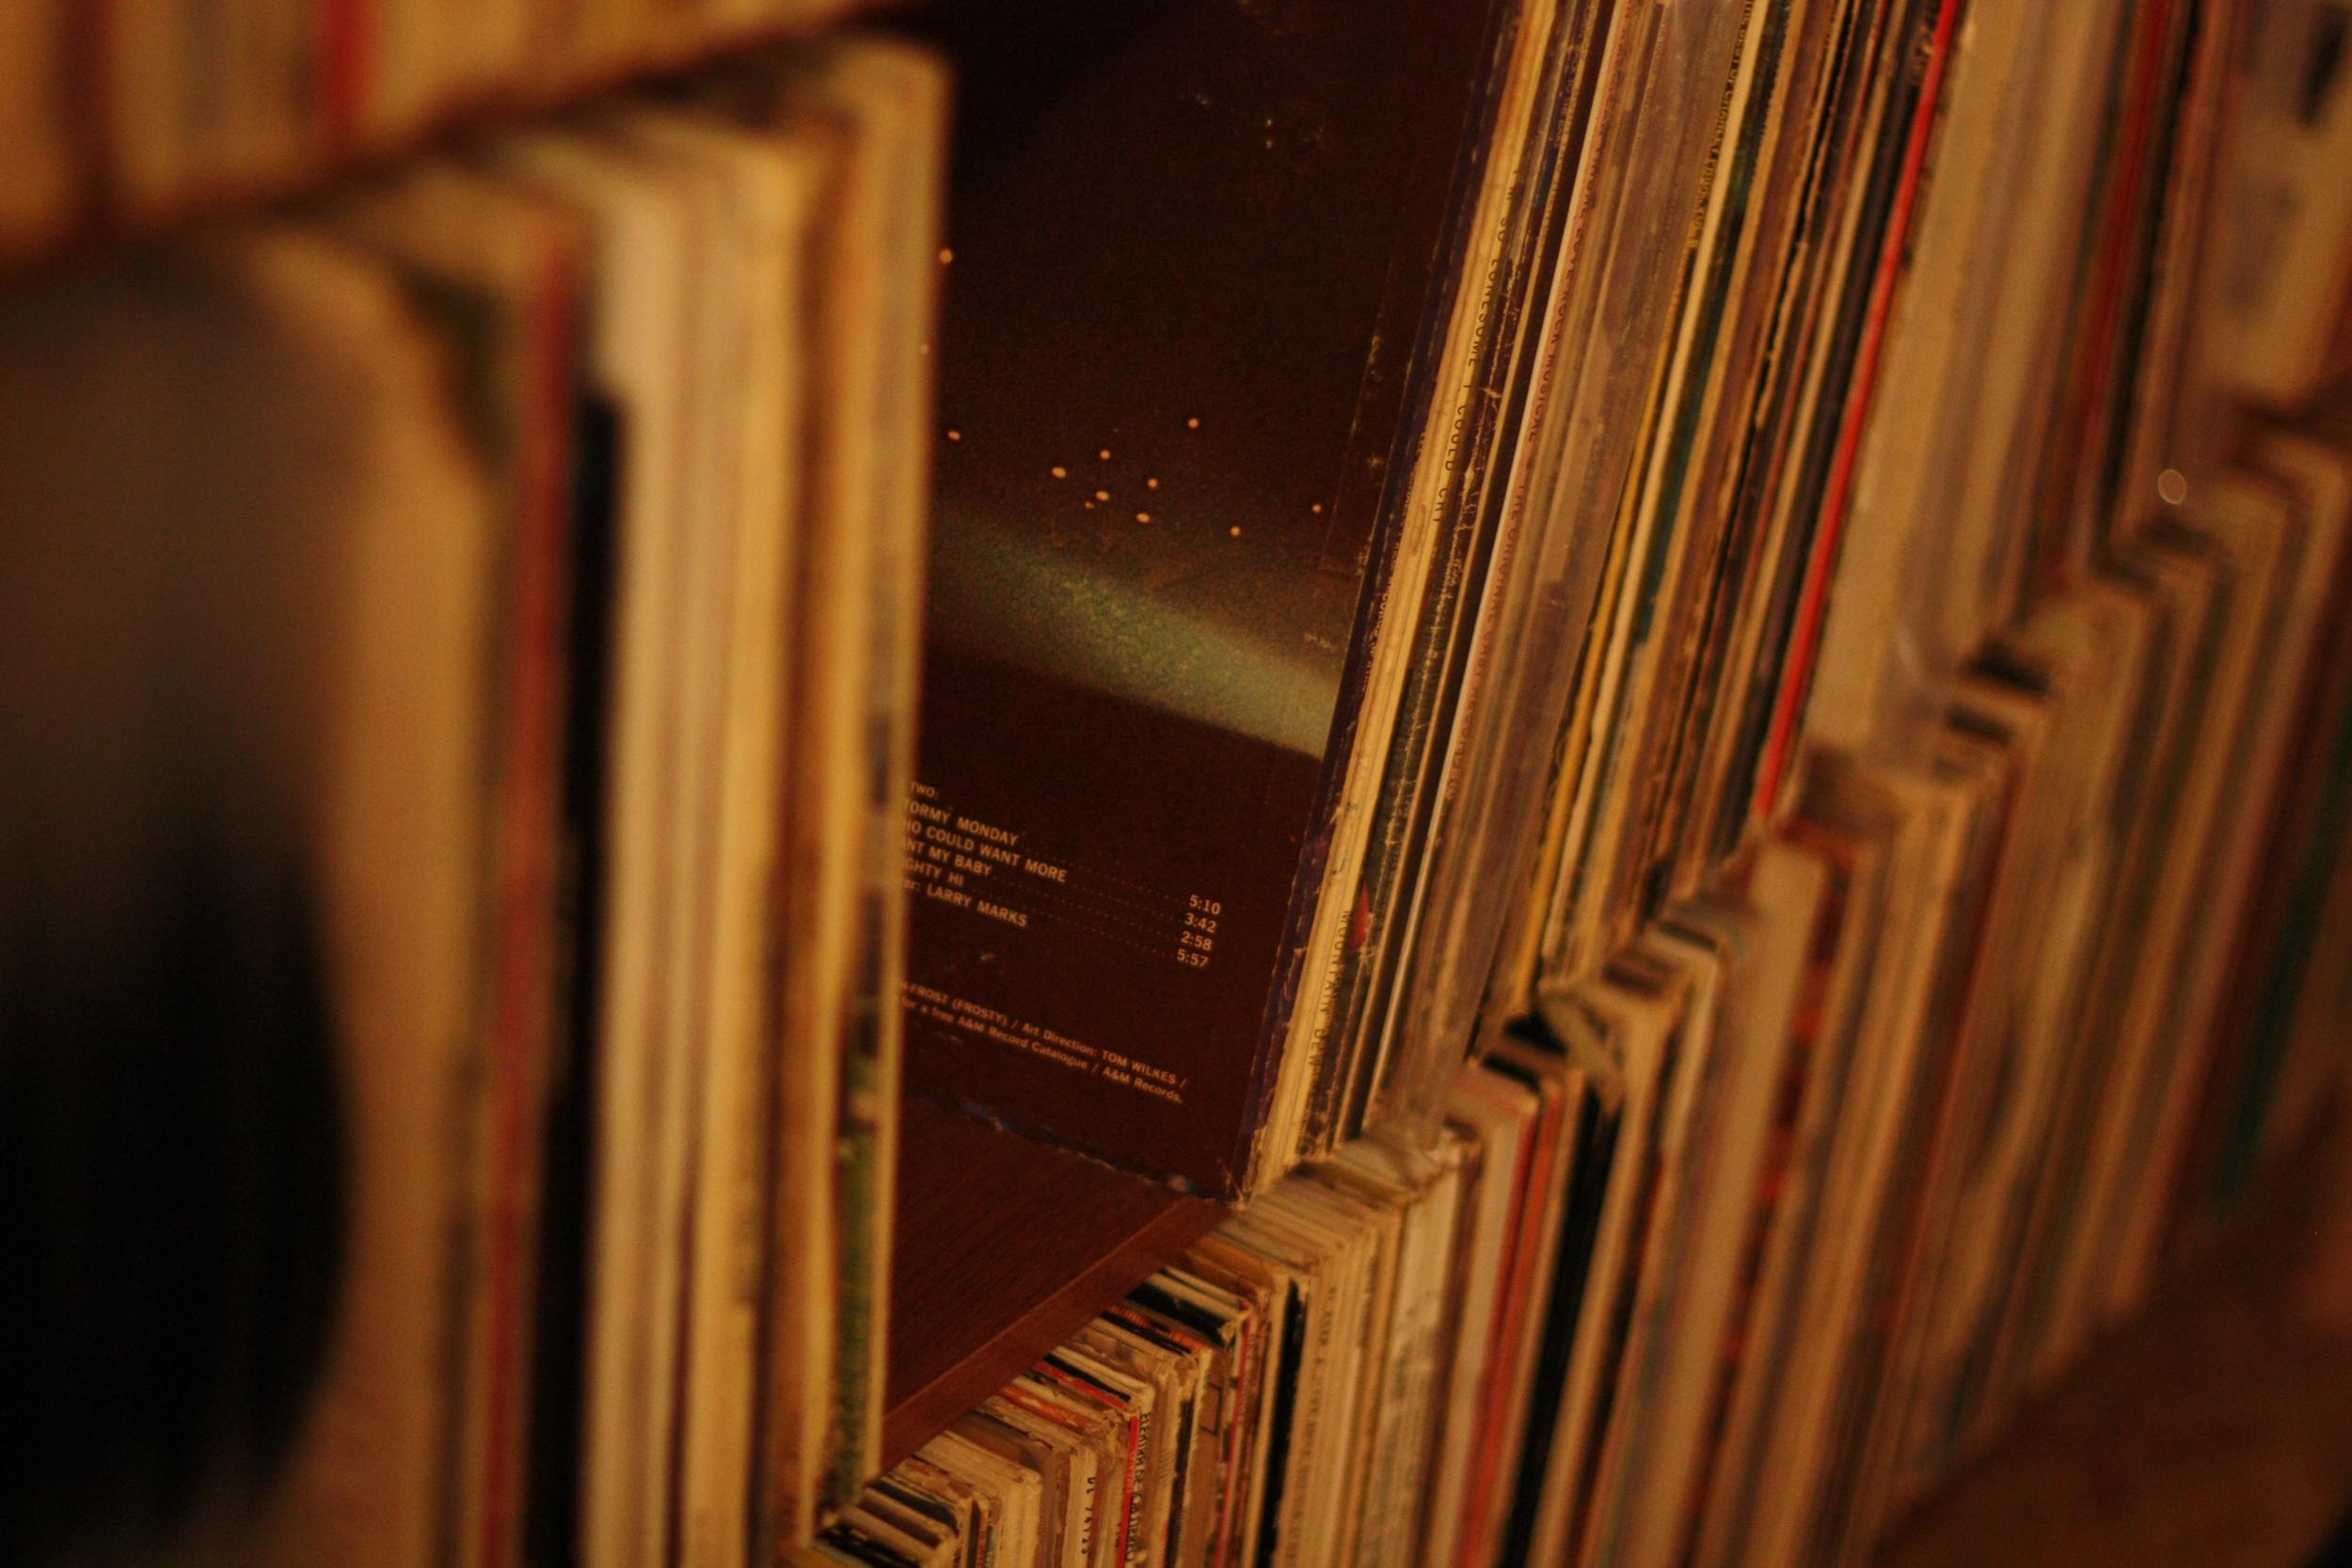 Reel 1: DJ MAKossa - Free MixTape Digital Download — Wax